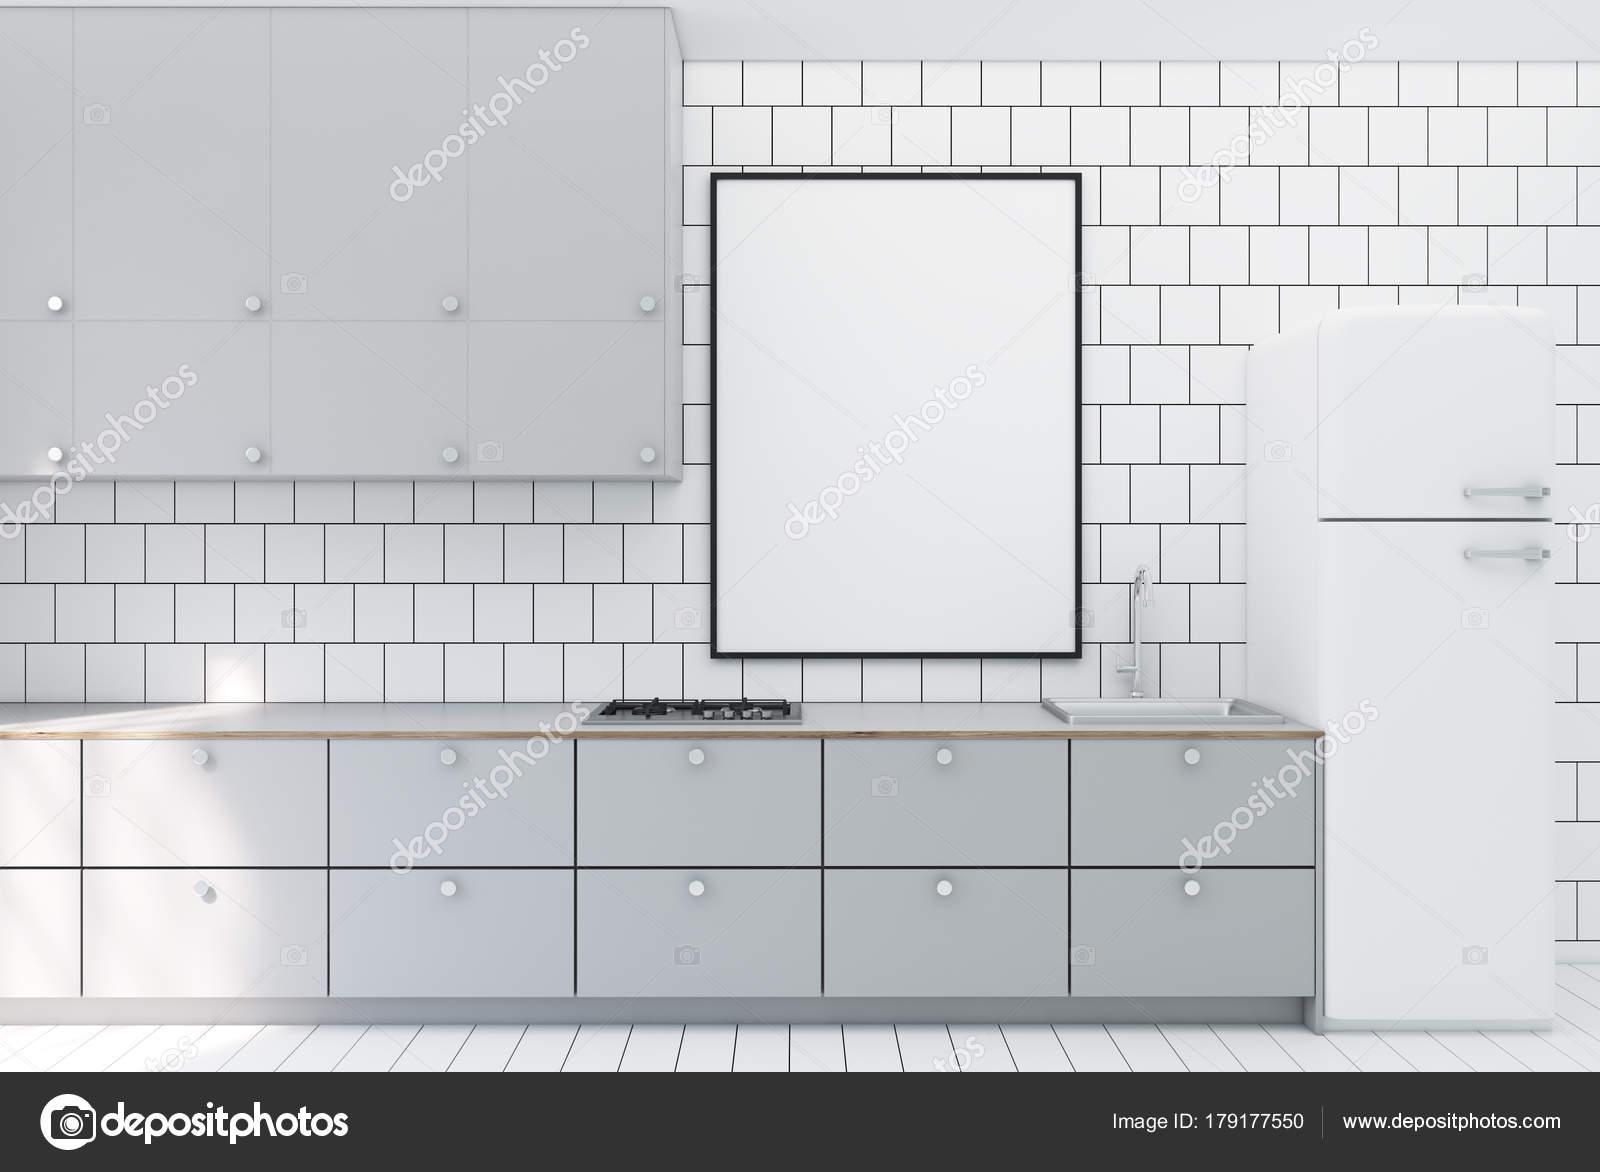 Cucina con piastrelle bianche poster foto stock denisismagilov 179177550 - Piastrelle bianche cucina ...